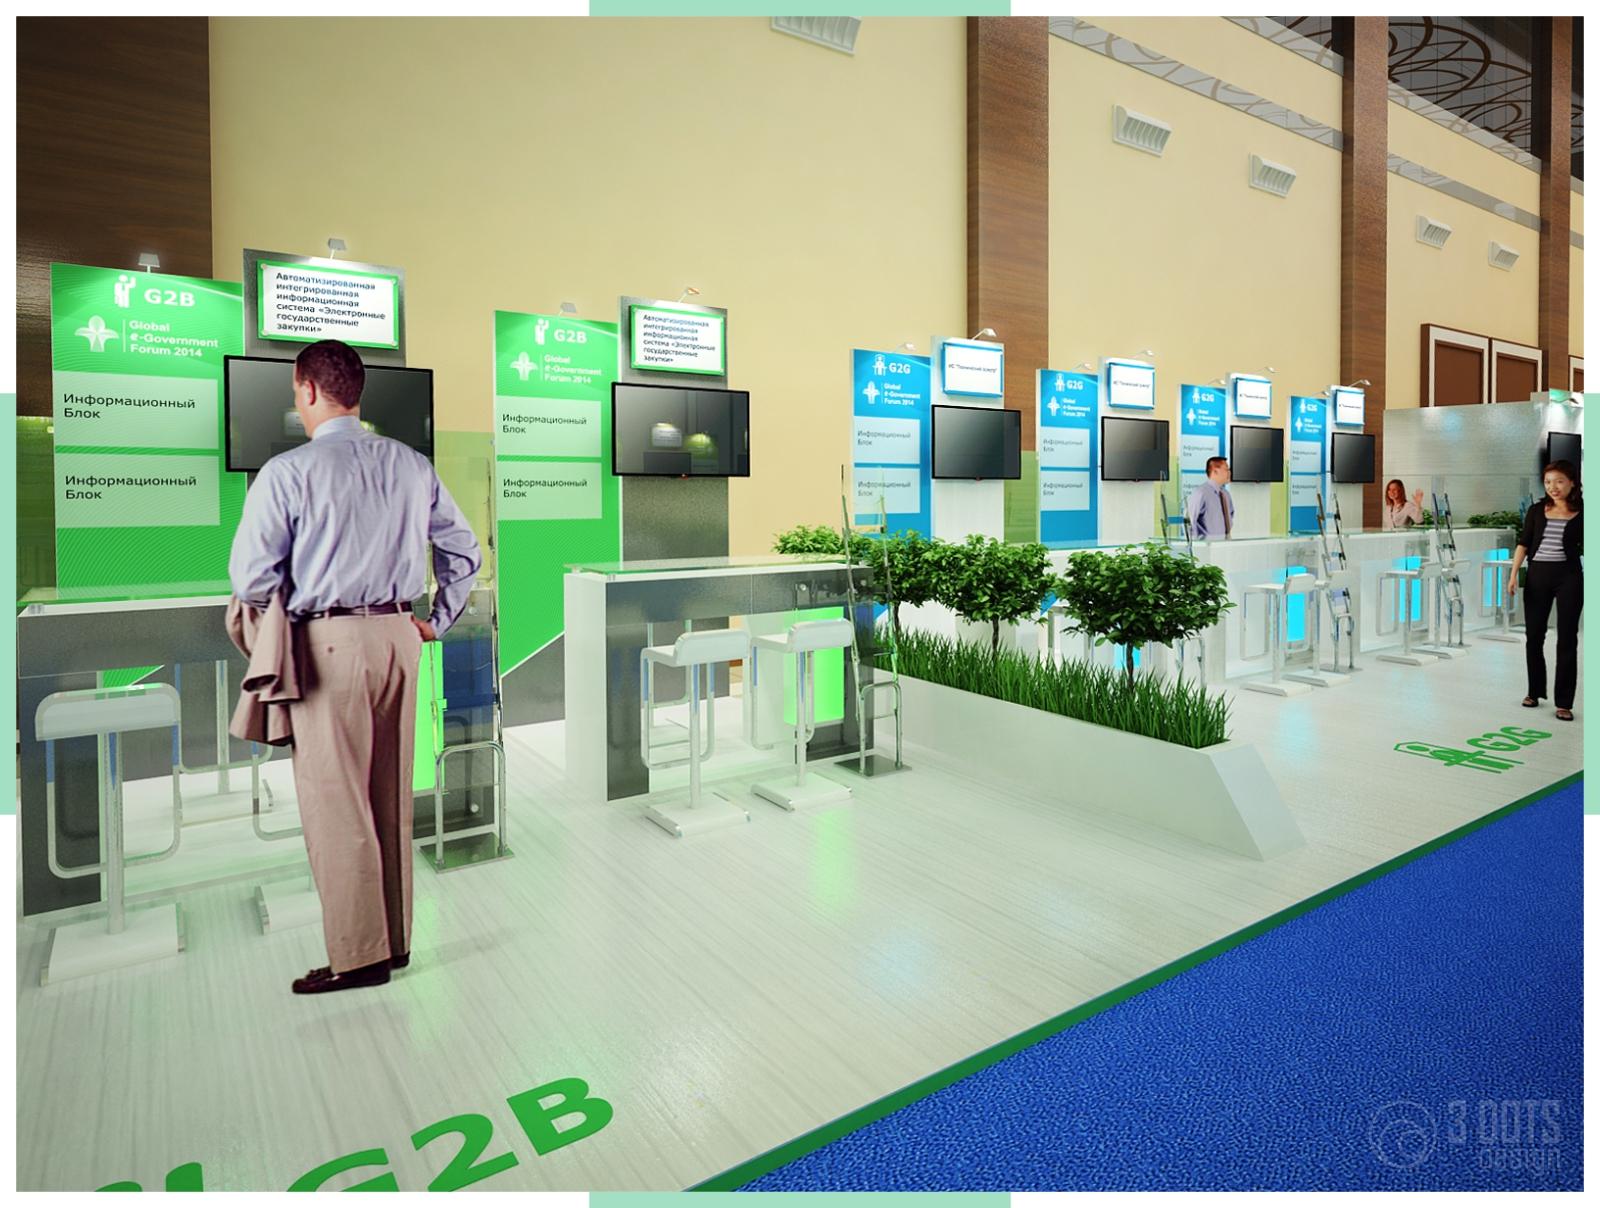 e-gov2014 NEW 4